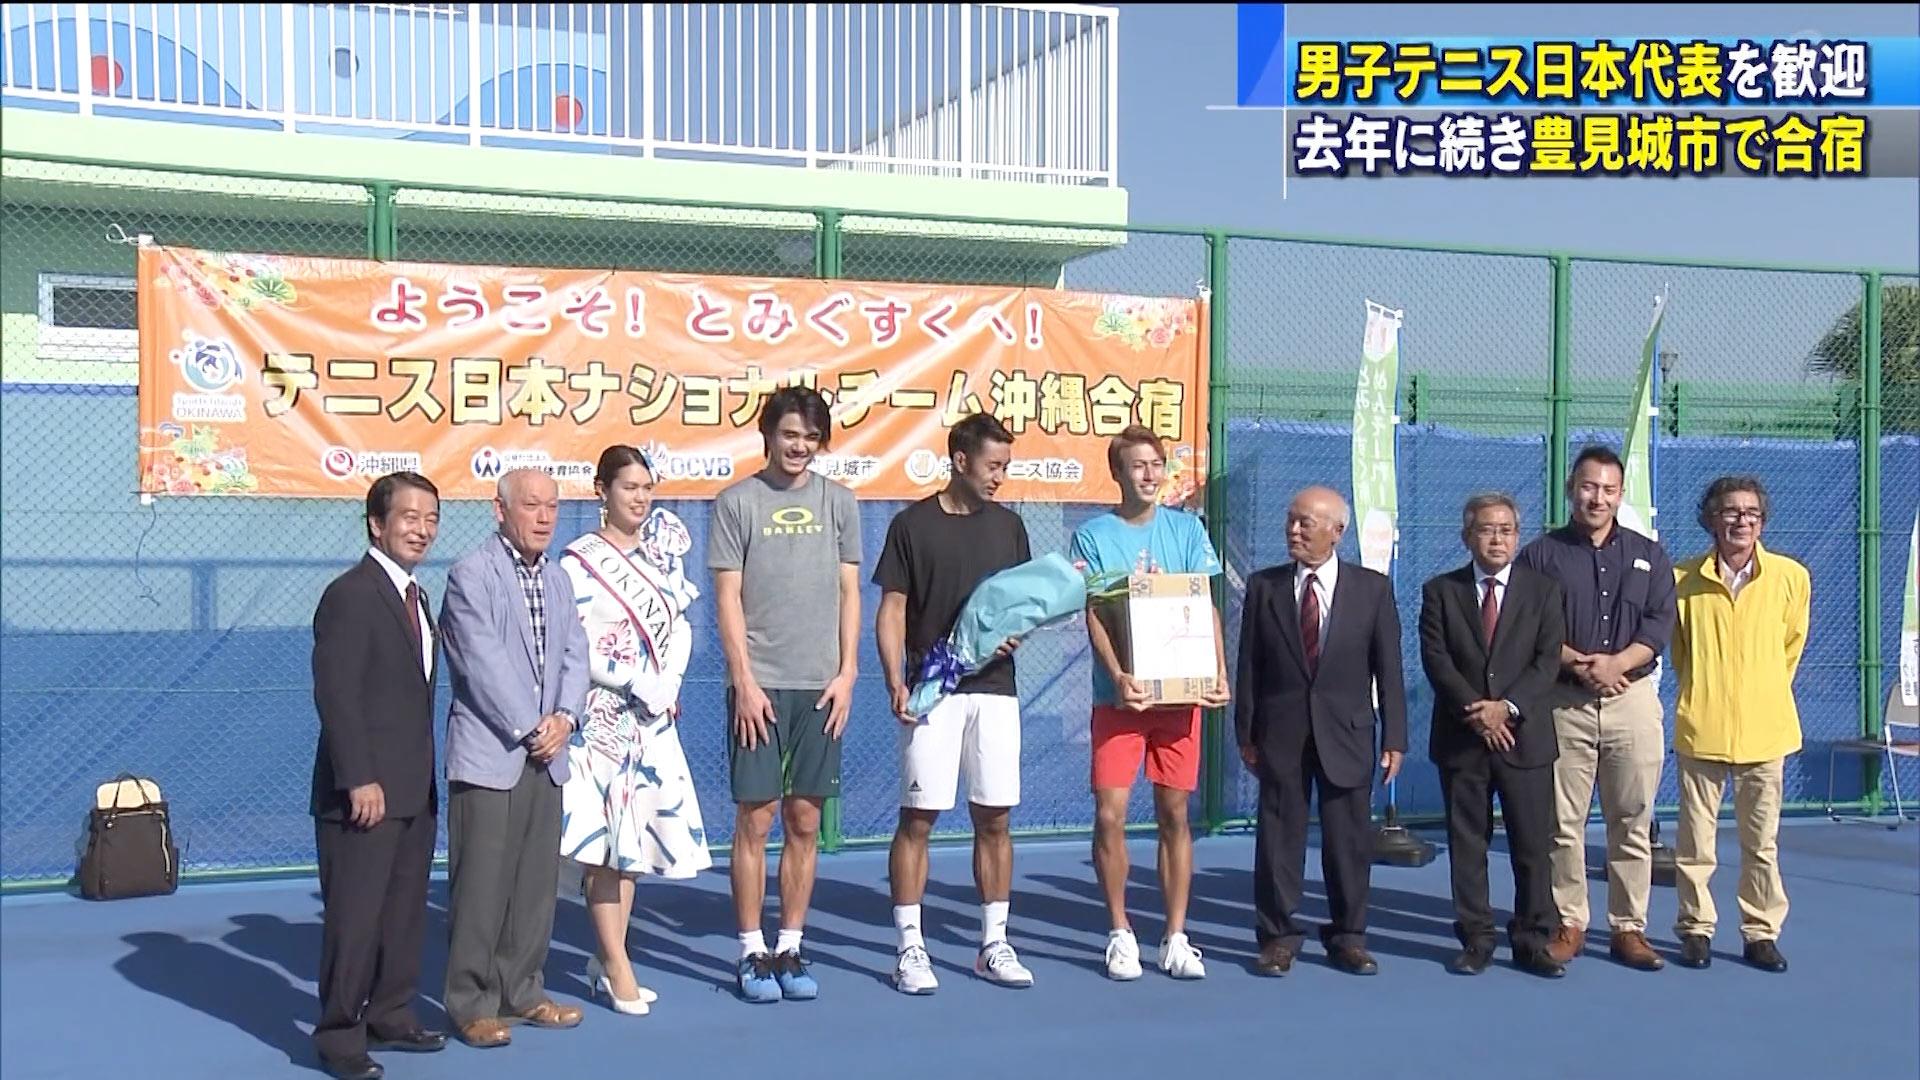 男子テニス日本代表歓迎式